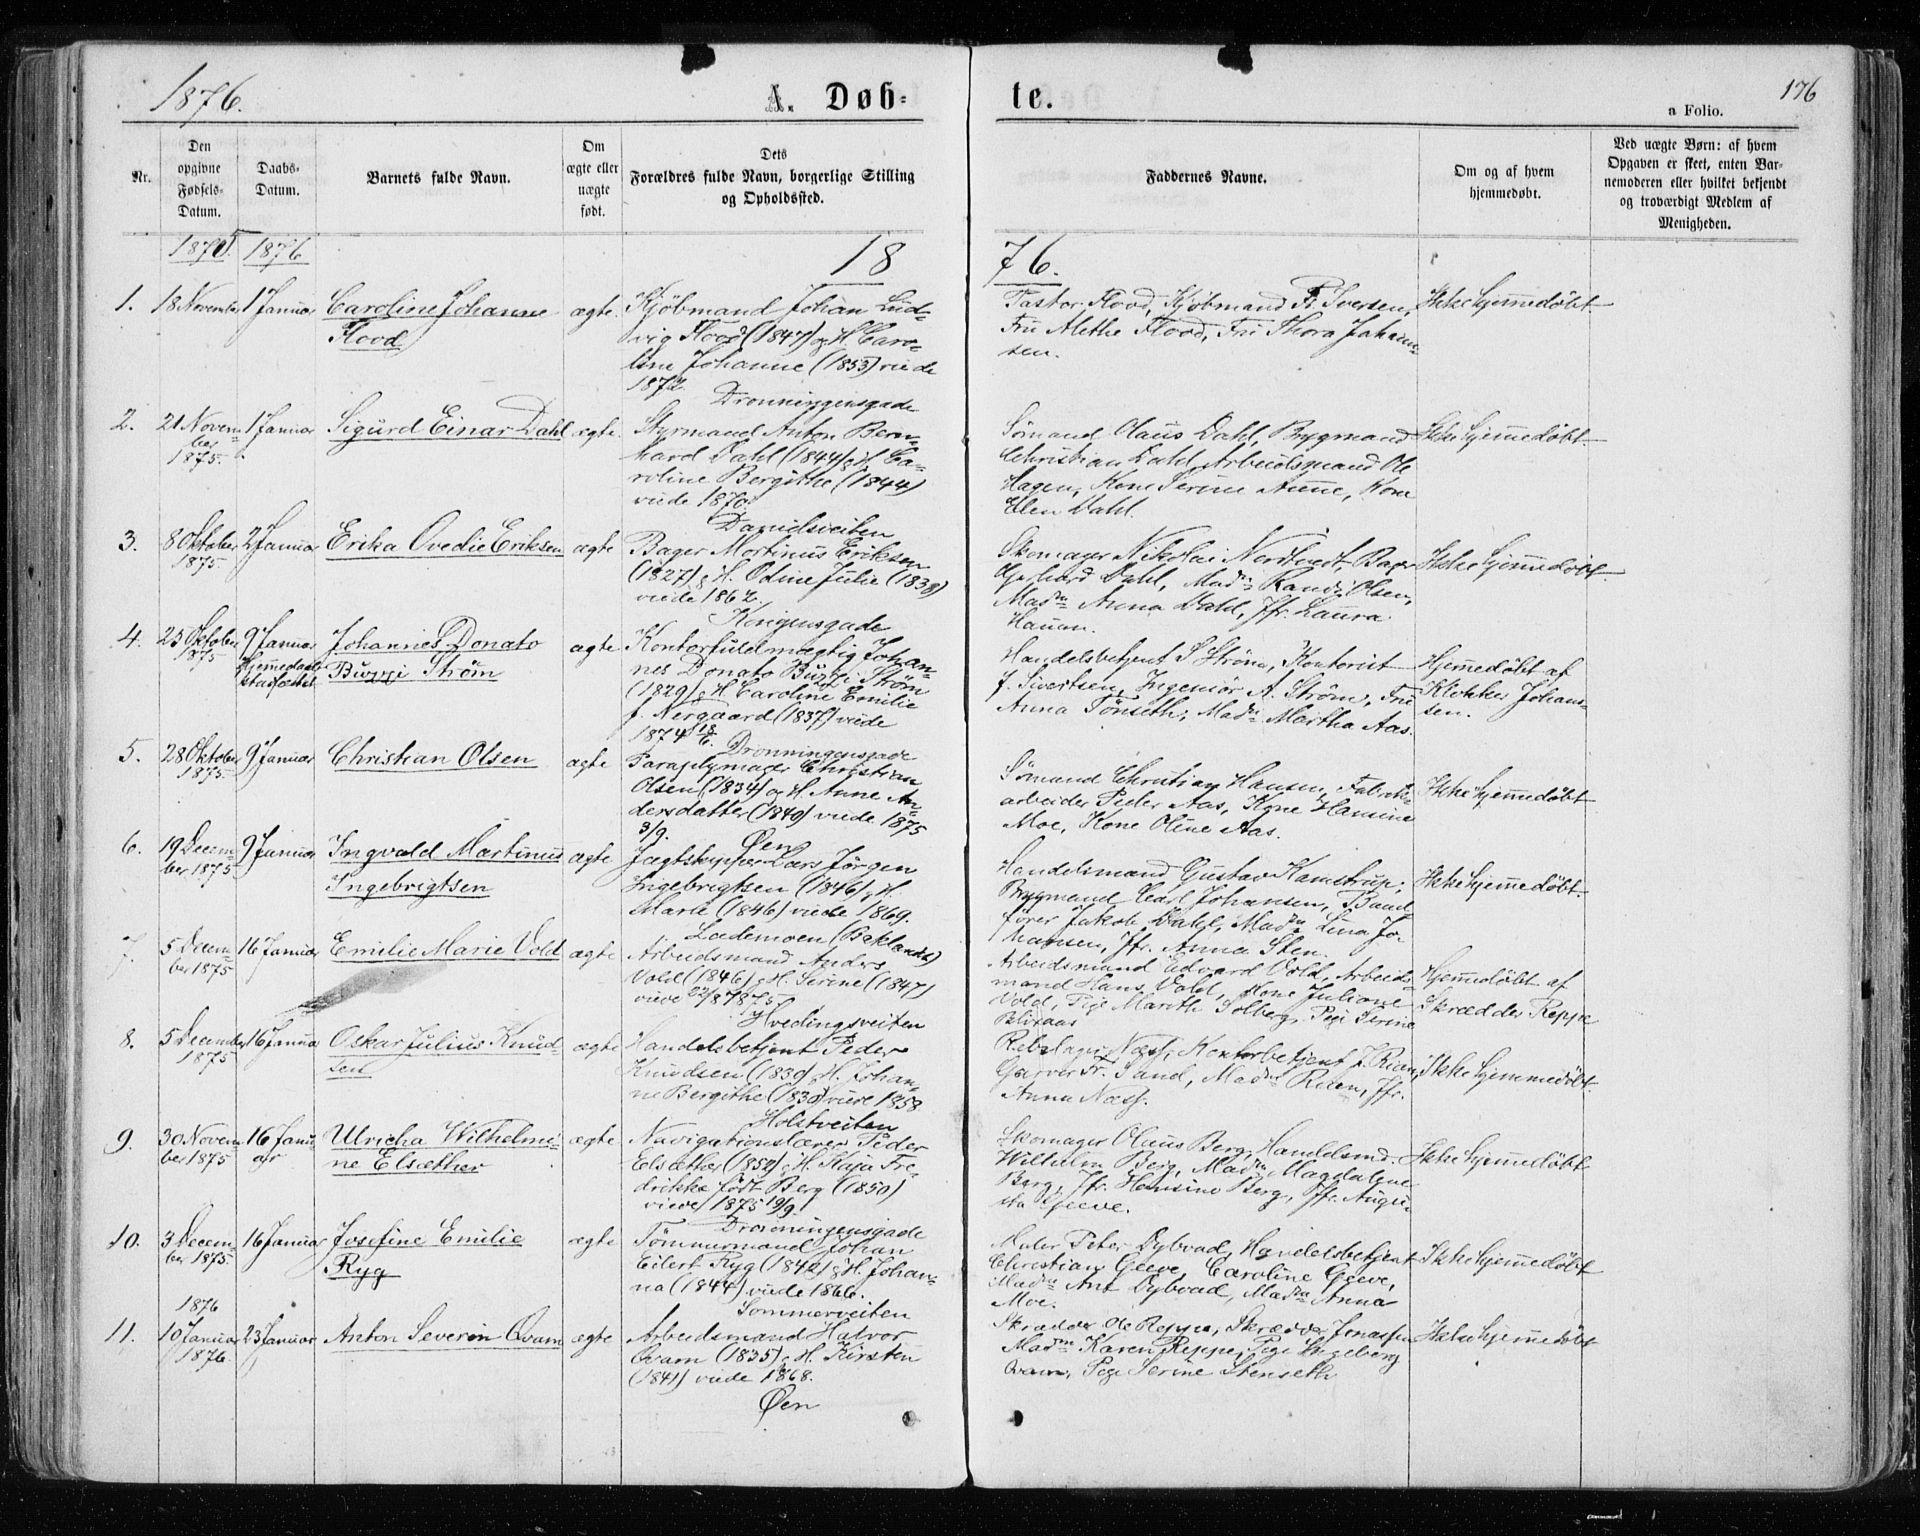 SAT, Ministerialprotokoller, klokkerbøker og fødselsregistre - Sør-Trøndelag, 601/L0054: Ministerialbok nr. 601A22, 1866-1877, s. 176